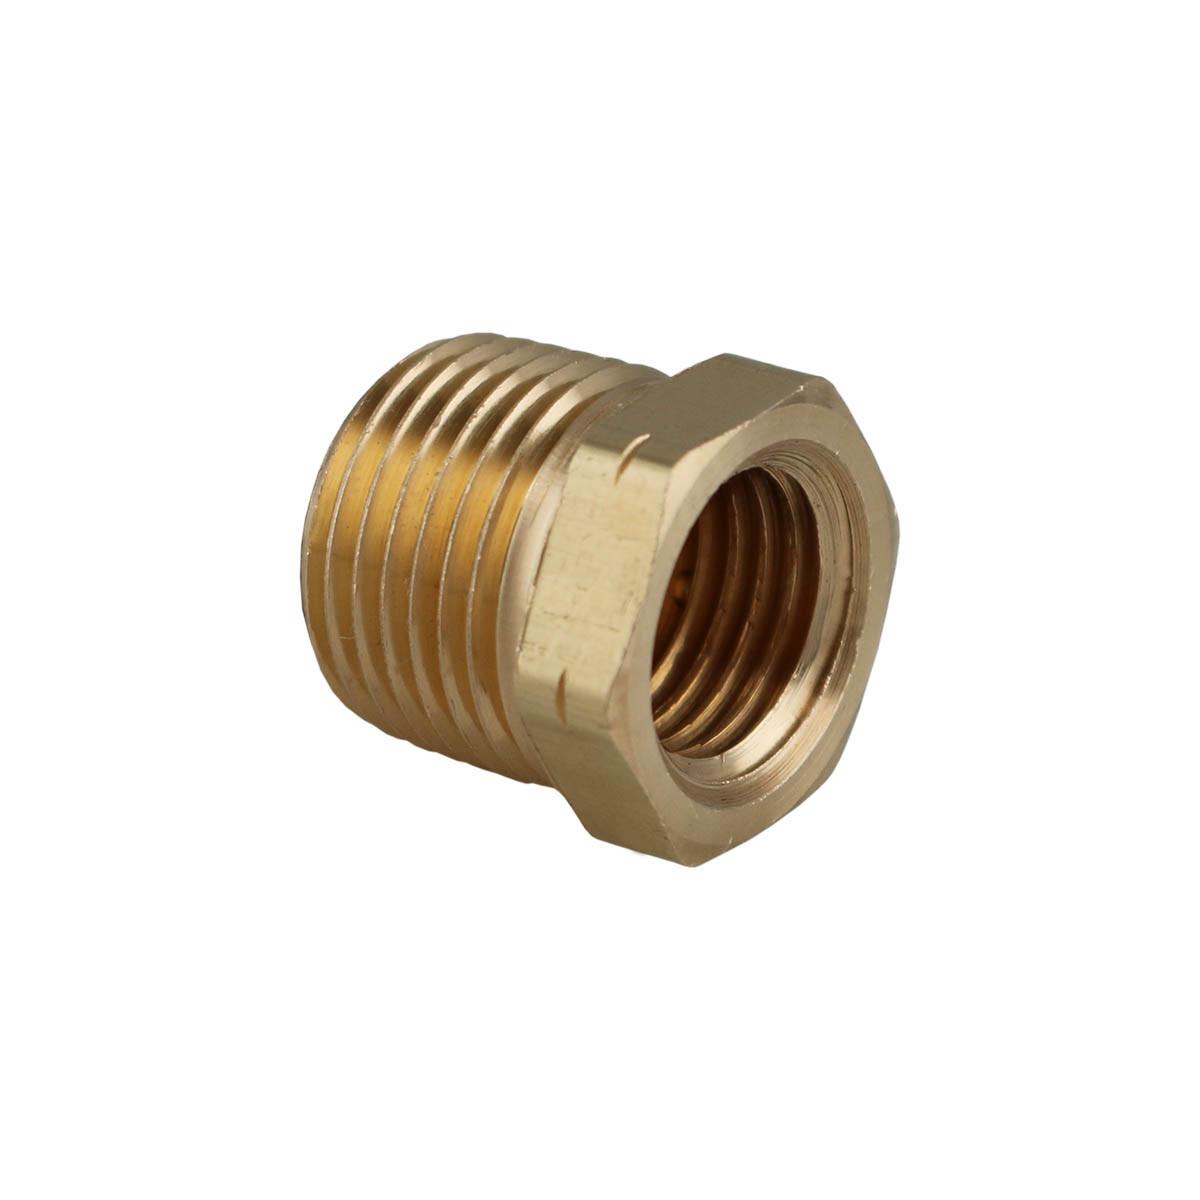 Quot brass bushing propanegear